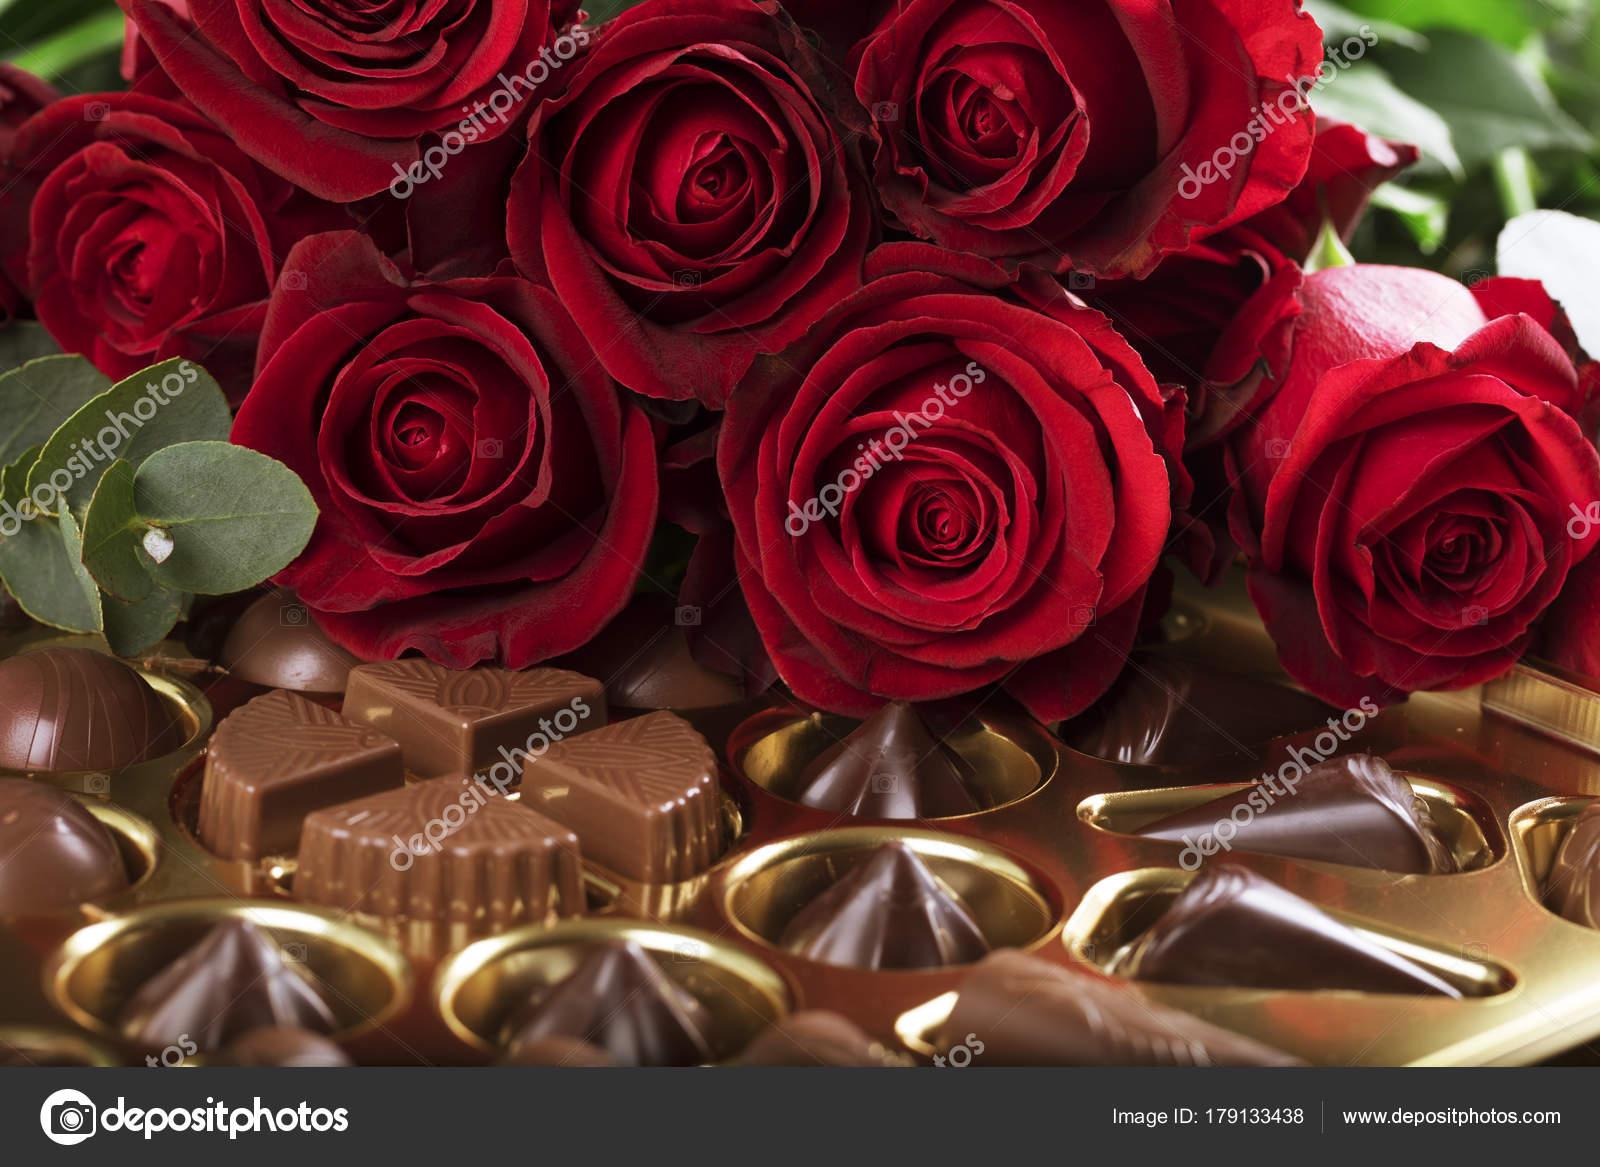 fotos de bombones y rosas